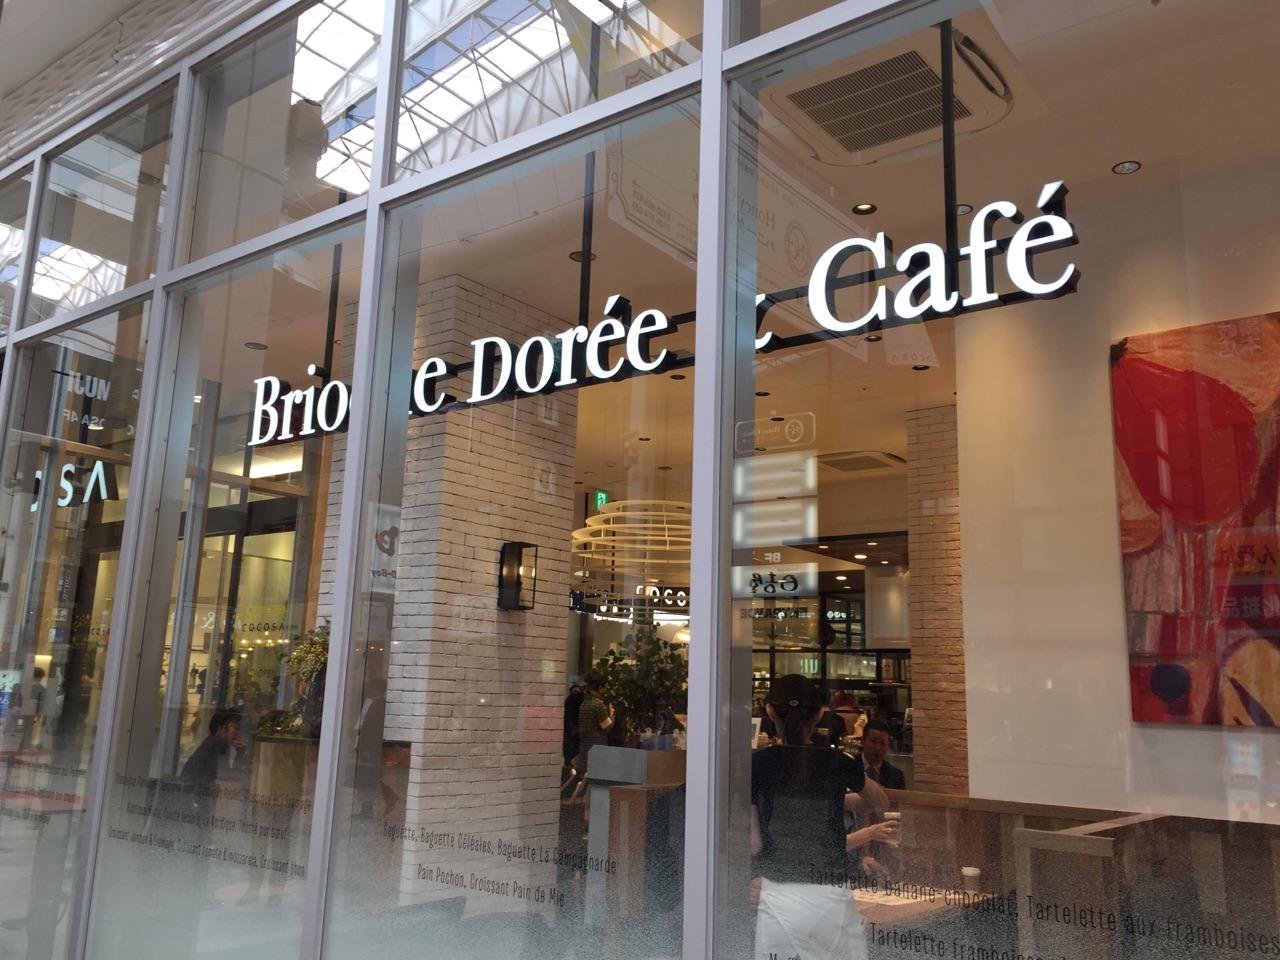 Brioche Doree & Cafe